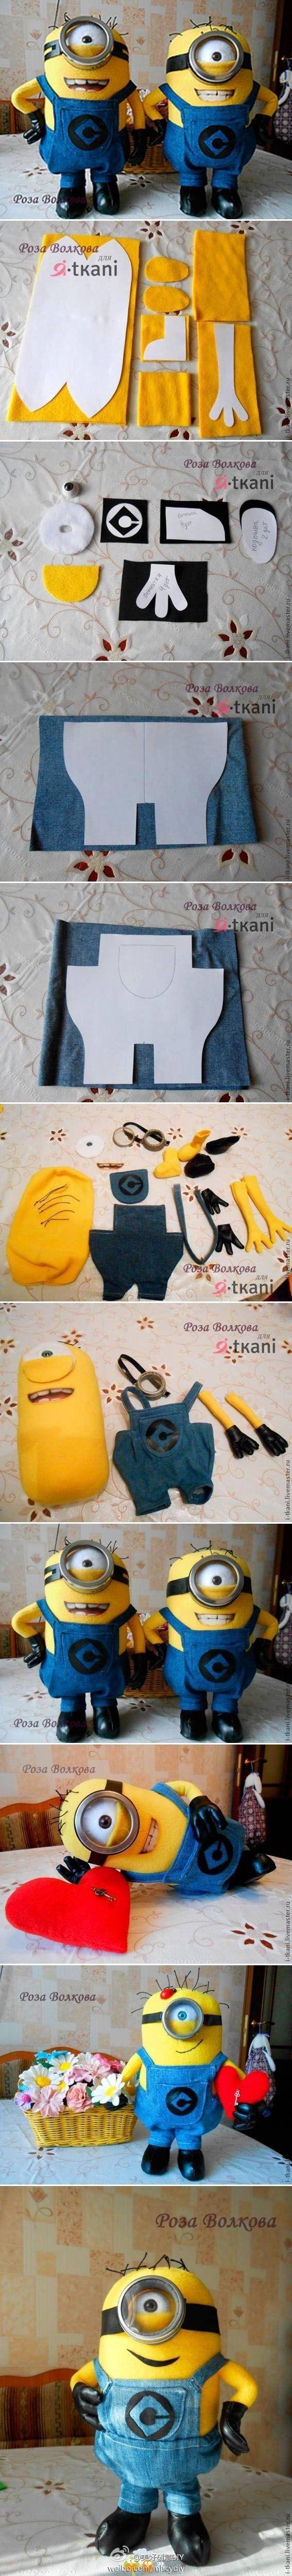 最爱的小黄人!!图片来自网络——更多有趣内容,请关注美好创意DIY (http://t.cn/zOR4l2D)